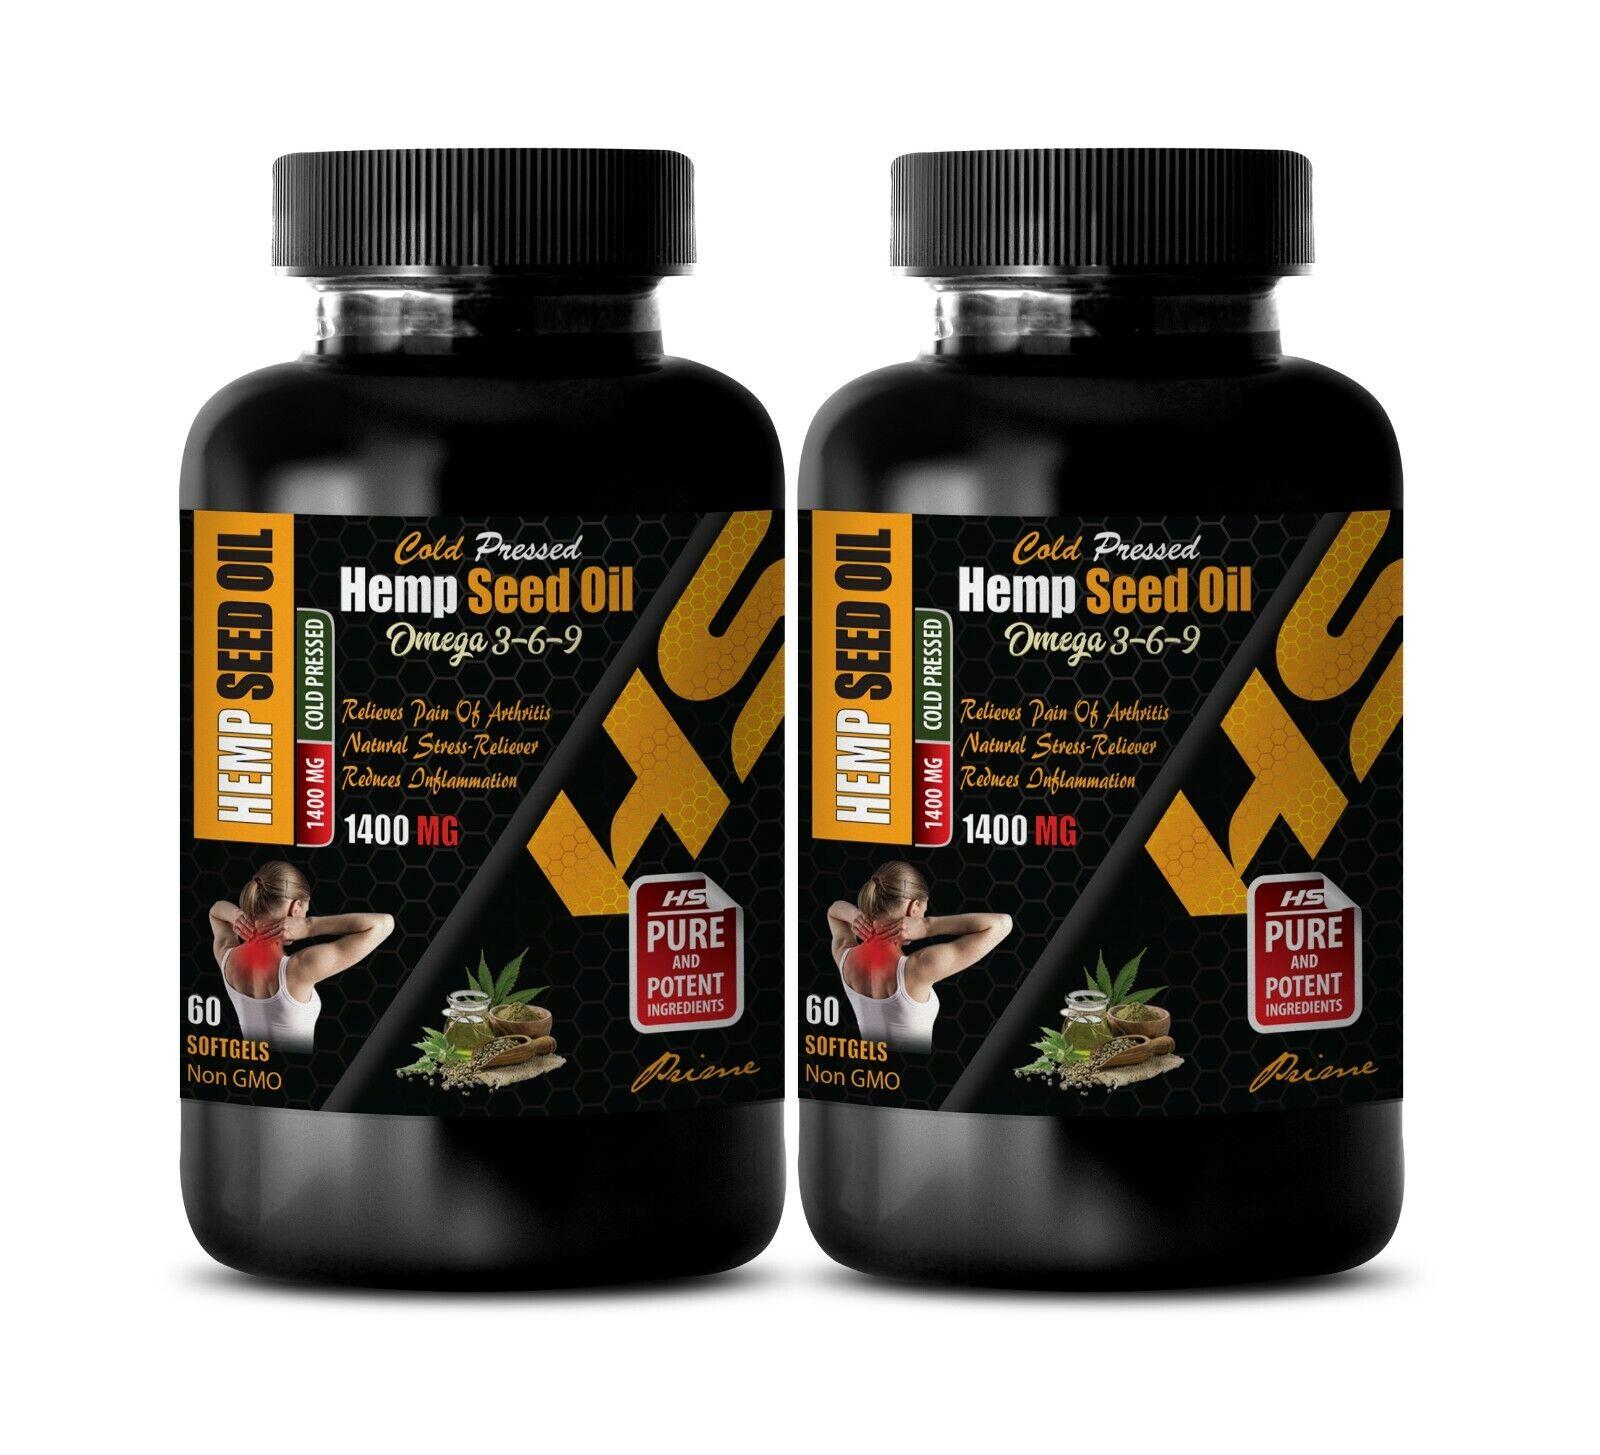 pure hemp oil - ORGANIC HEMP SEED OIL 1400mg - omega 3, 6, 9 fatty acids - 2 Bot